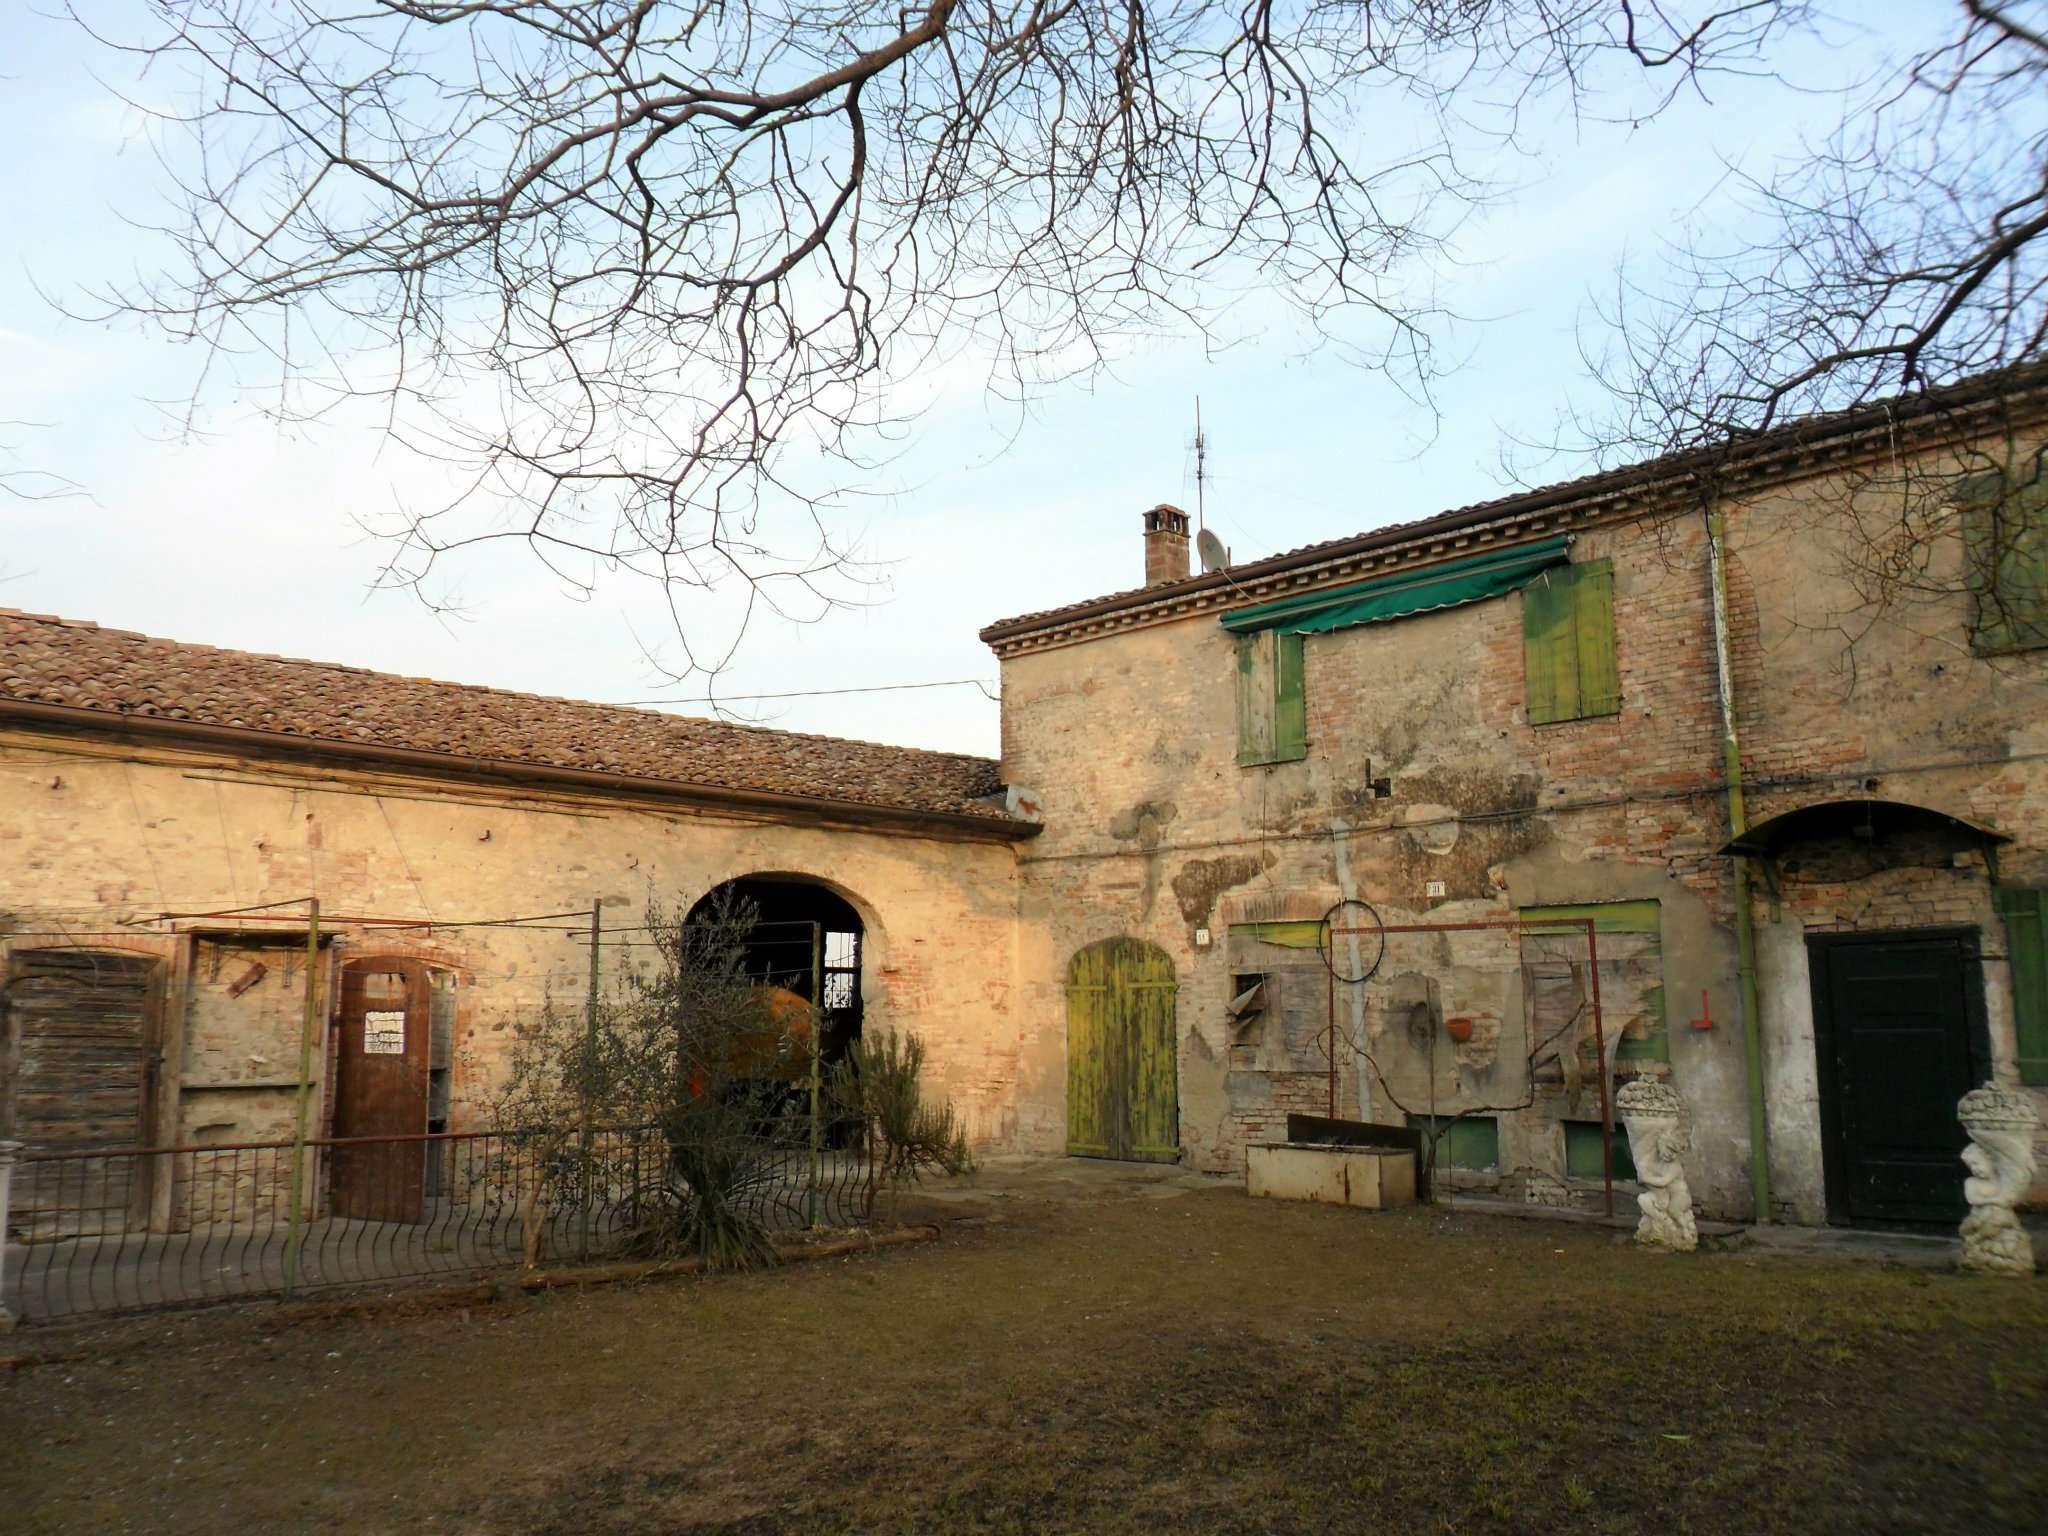 Rustico / Casale in vendita a Fontevivo, 6 locali, prezzo € 150.000   Cambio Casa.it